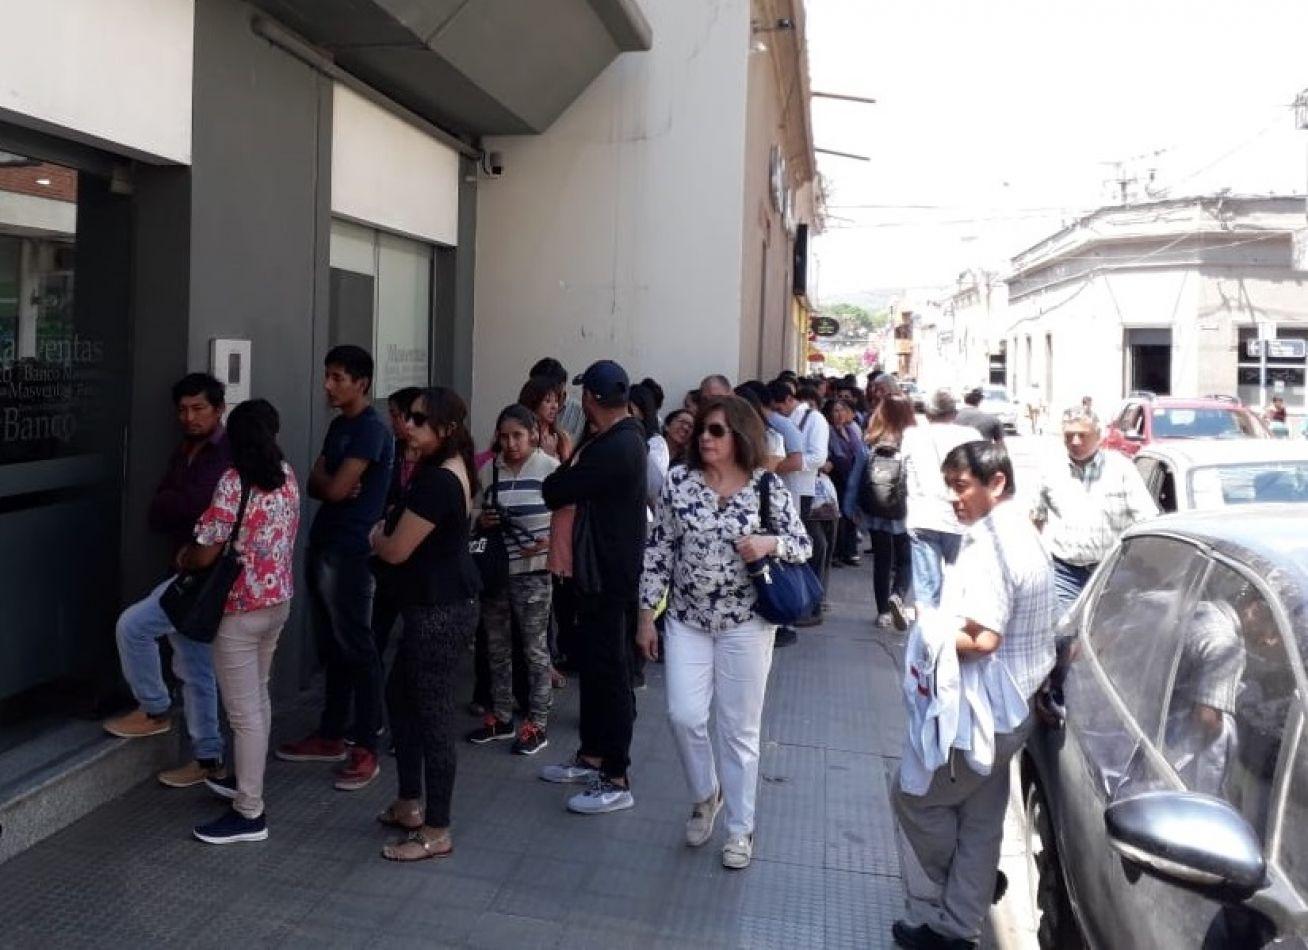 Ayer se vivió una jornada de volatilidad cambiaria en Jujuy